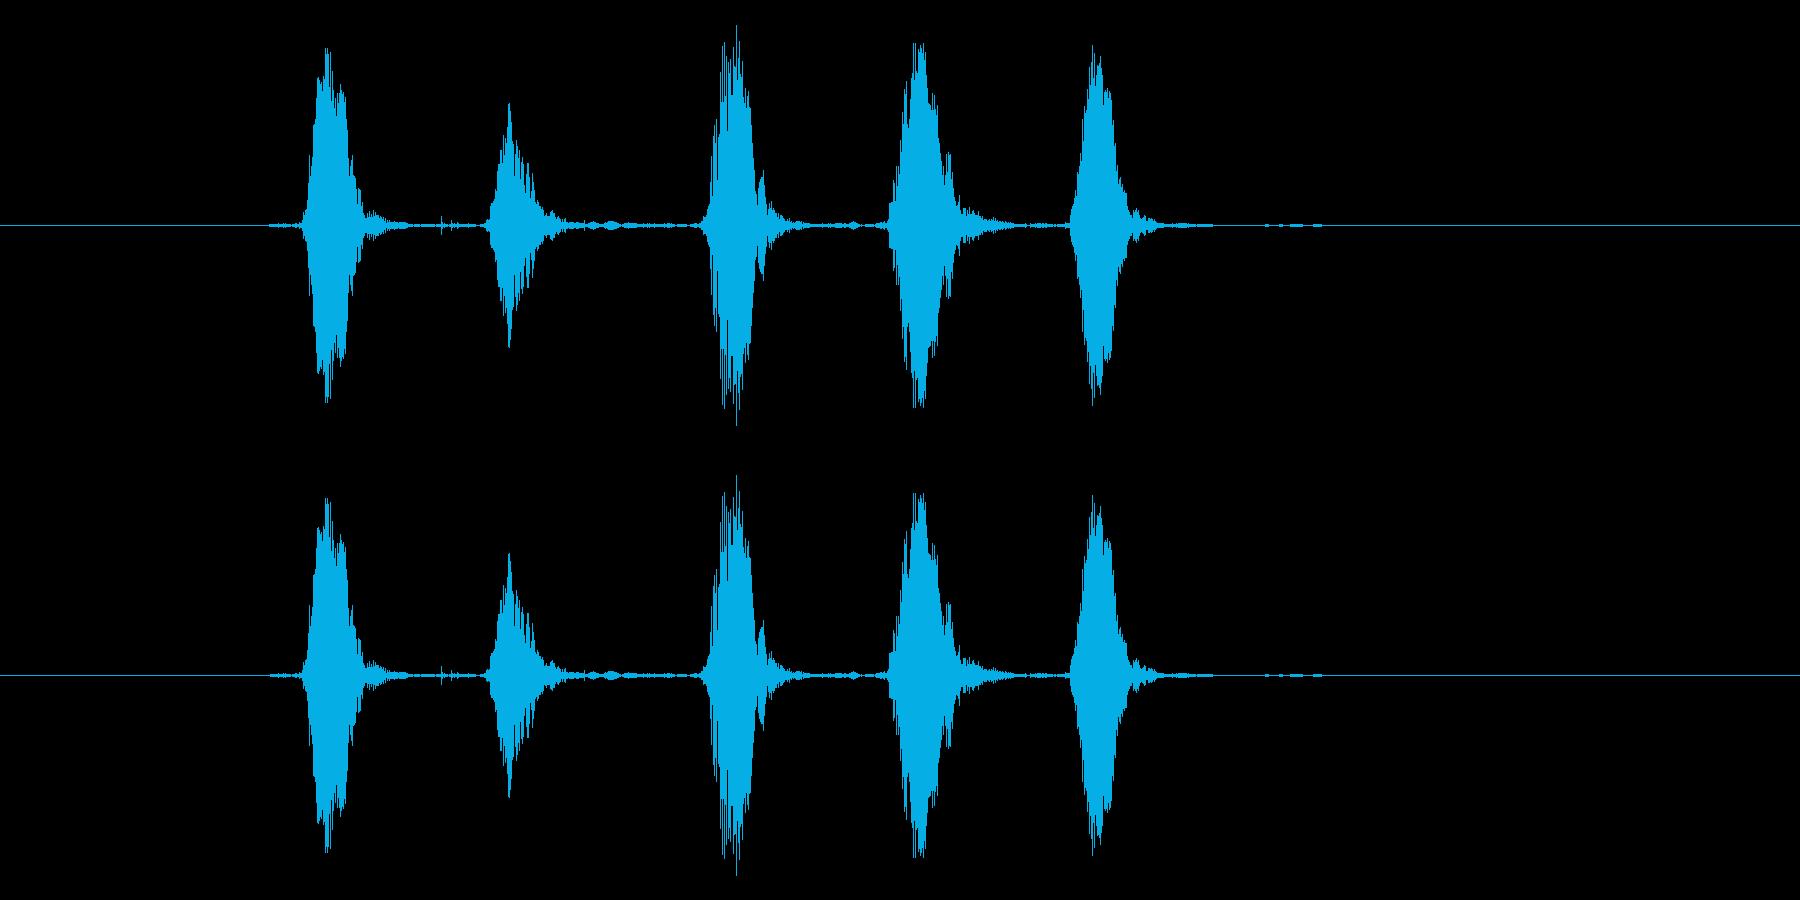 ほい!の再生済みの波形